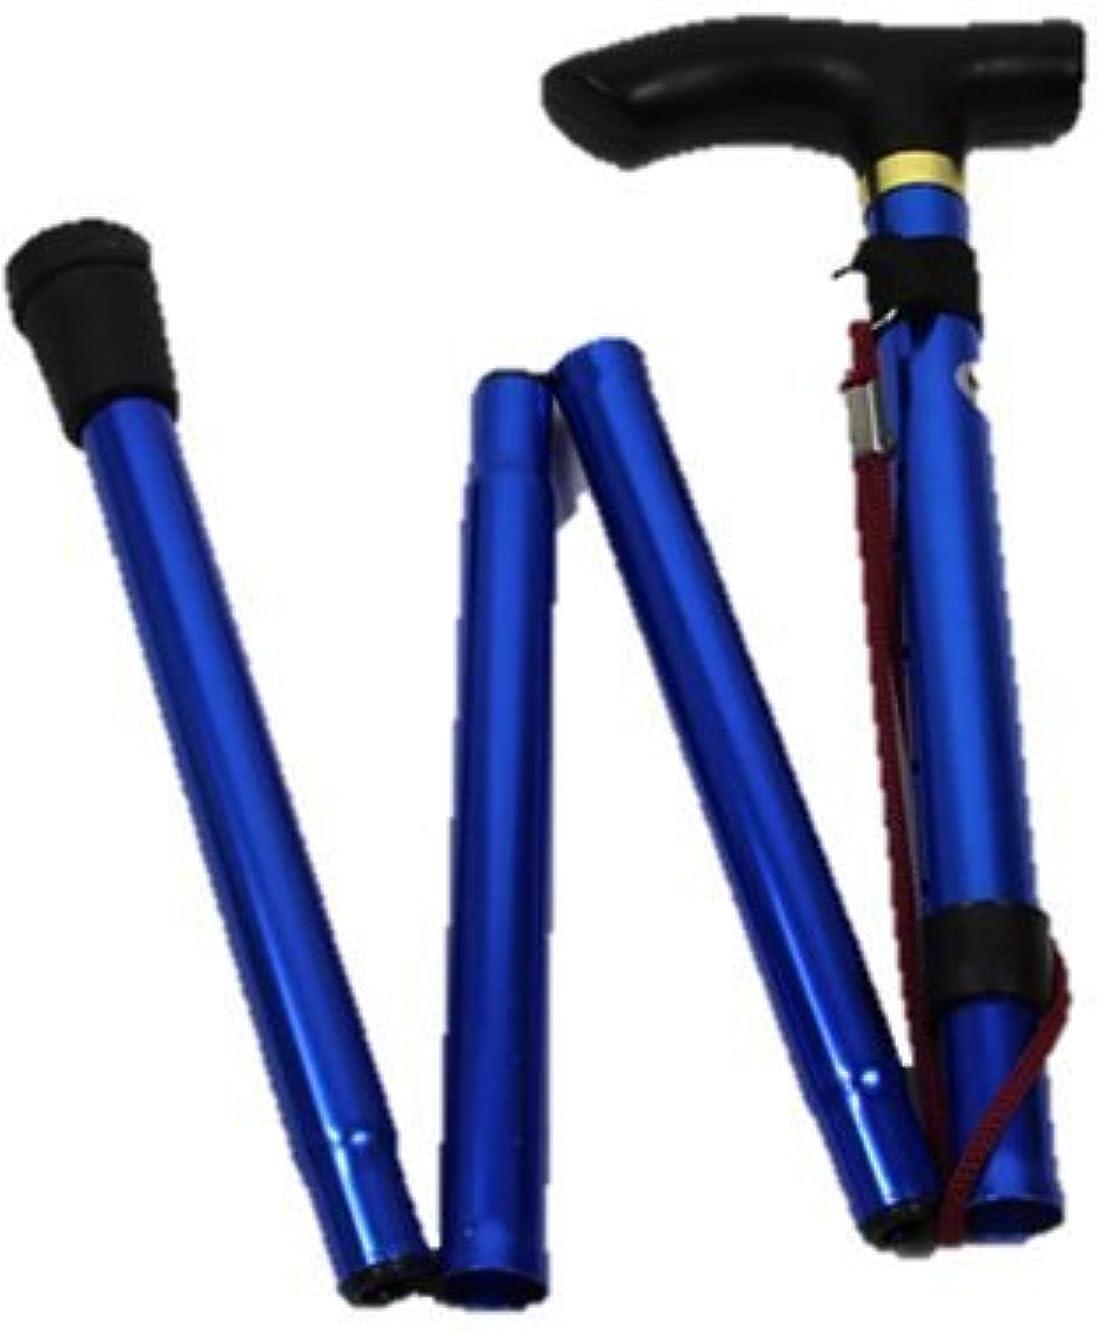 マウンド建築家ささいないざという時 折りたたみ 式 杖 コンパクト ステッキ 軽量 携帯 便利 ブルー